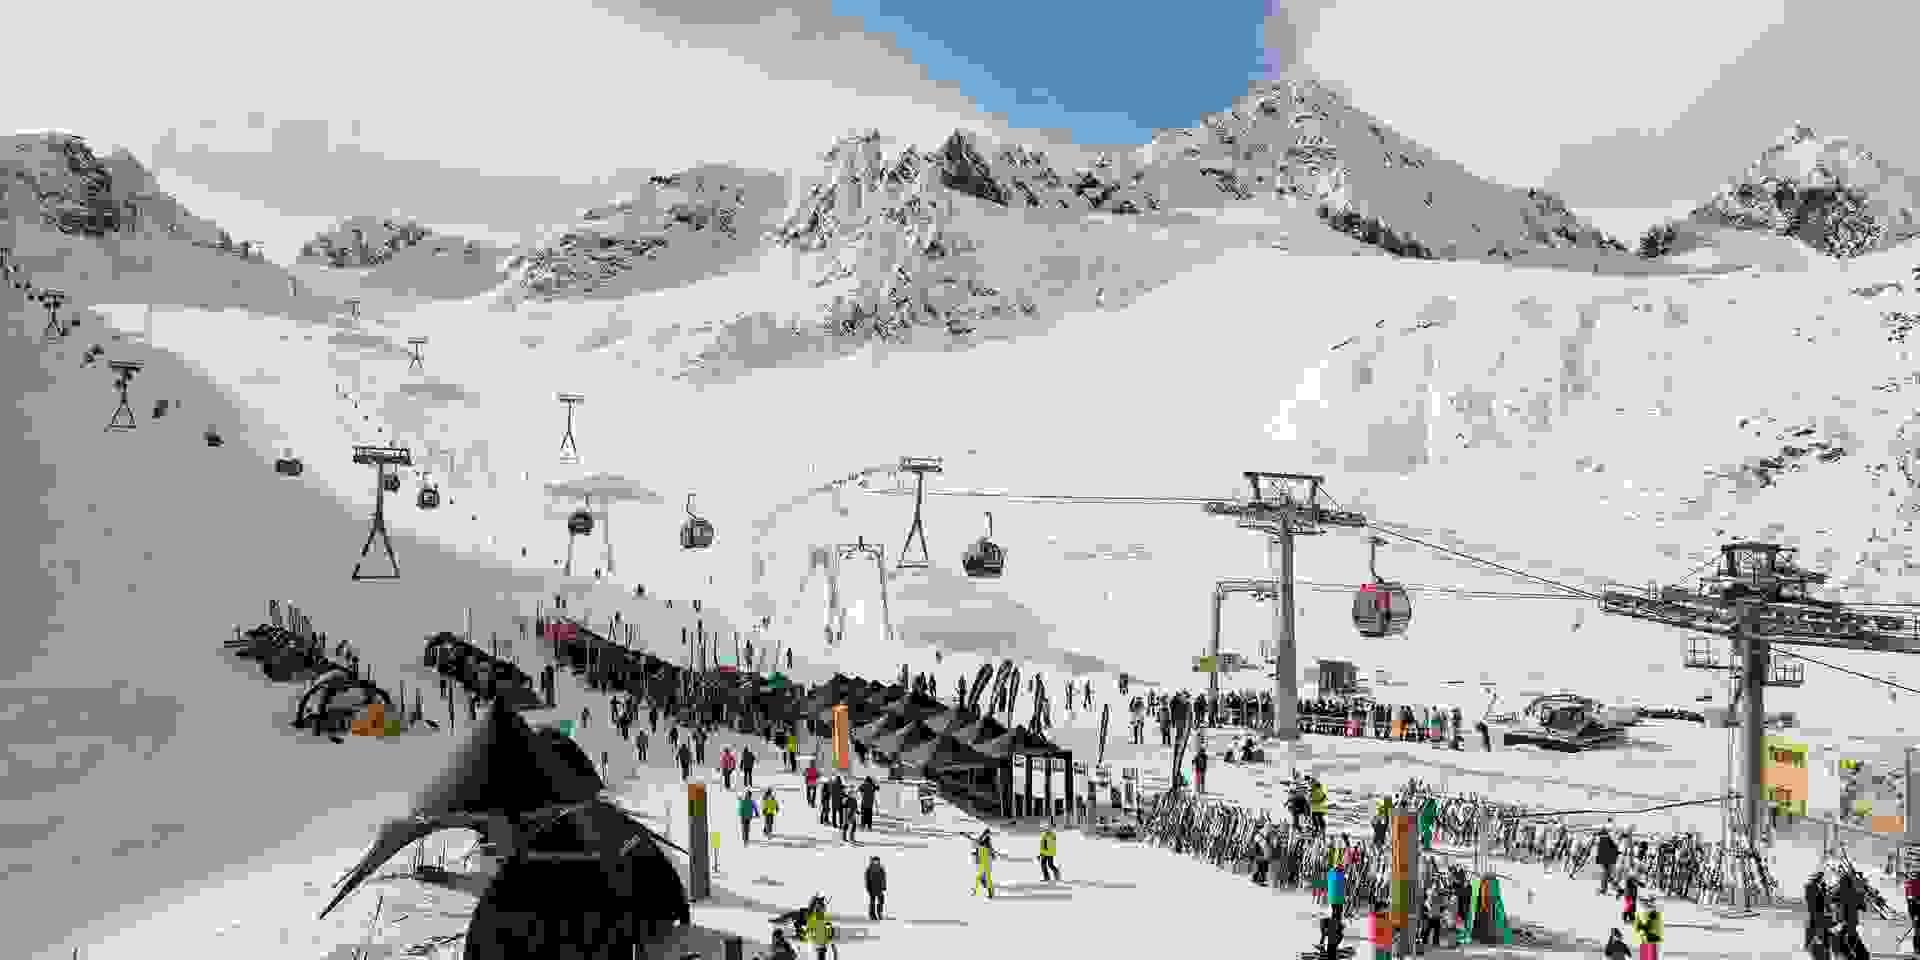 Eine Luftaufnahme des Skigebiets am Stubaier Gletscher.